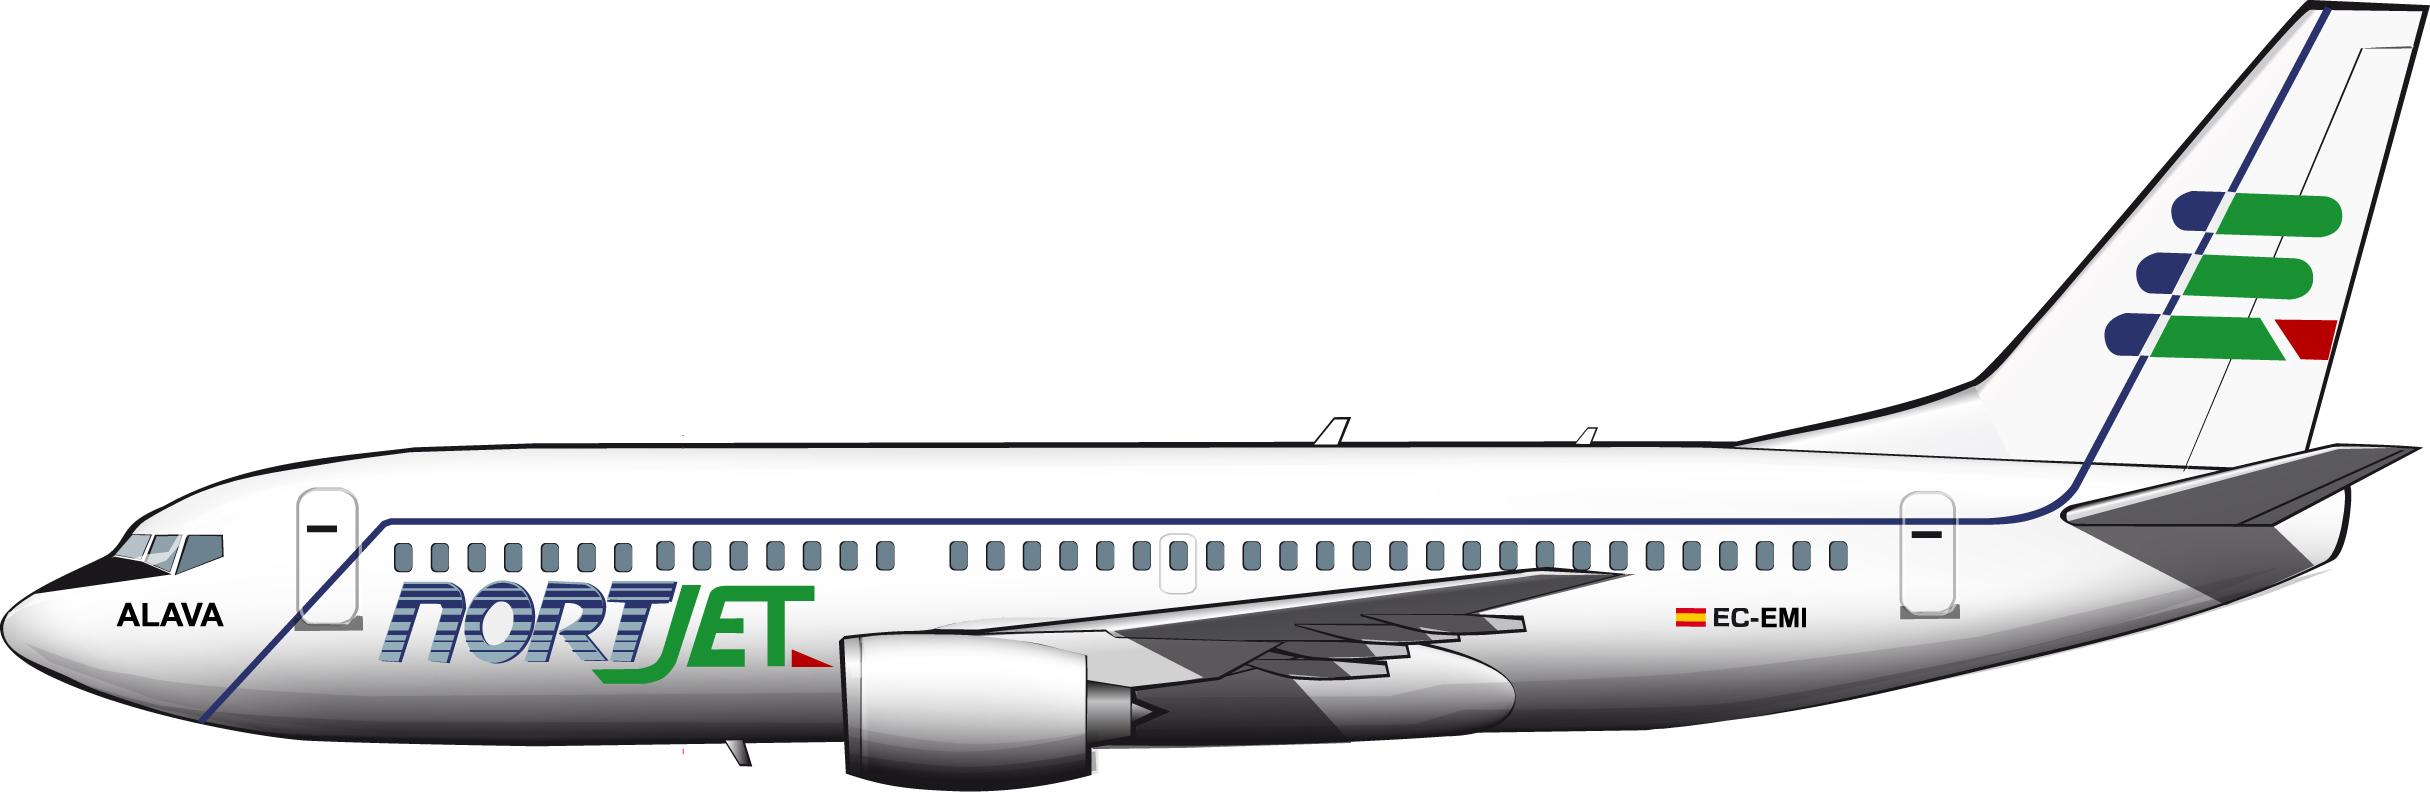 Euskal Air, Nort Jet y el aeropuerto de Foronda